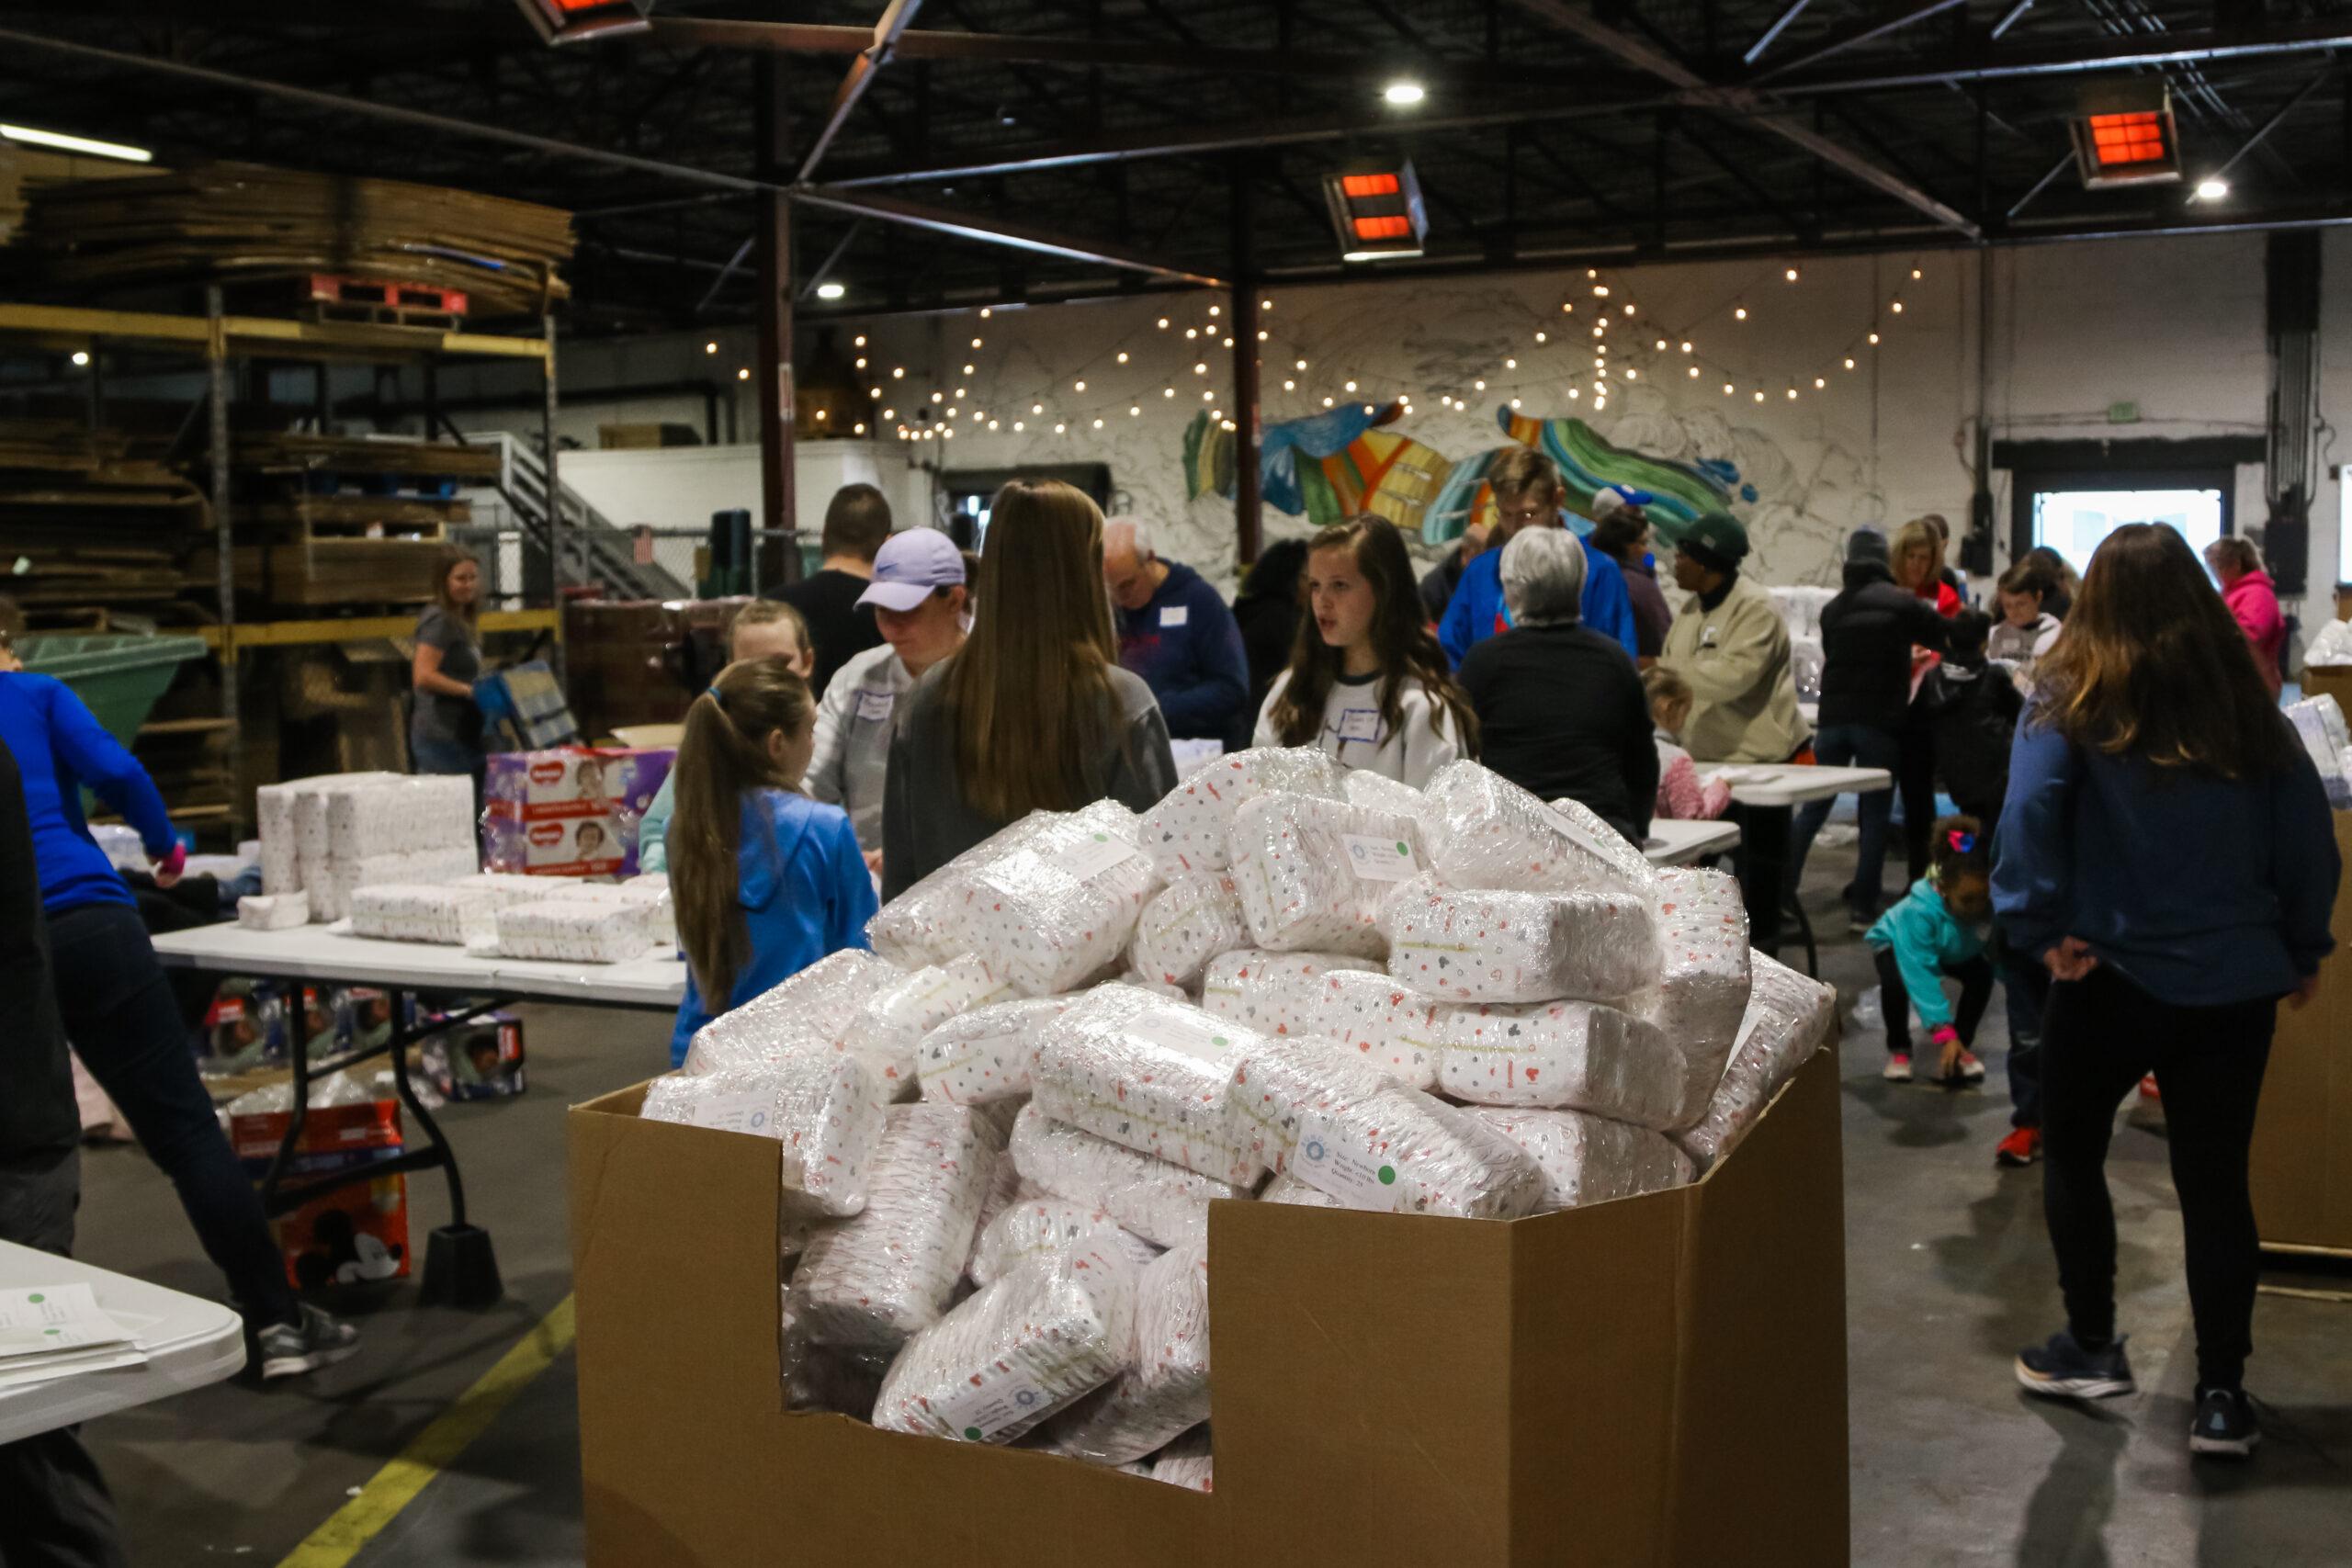 Bundles of Hope Diaper Bank